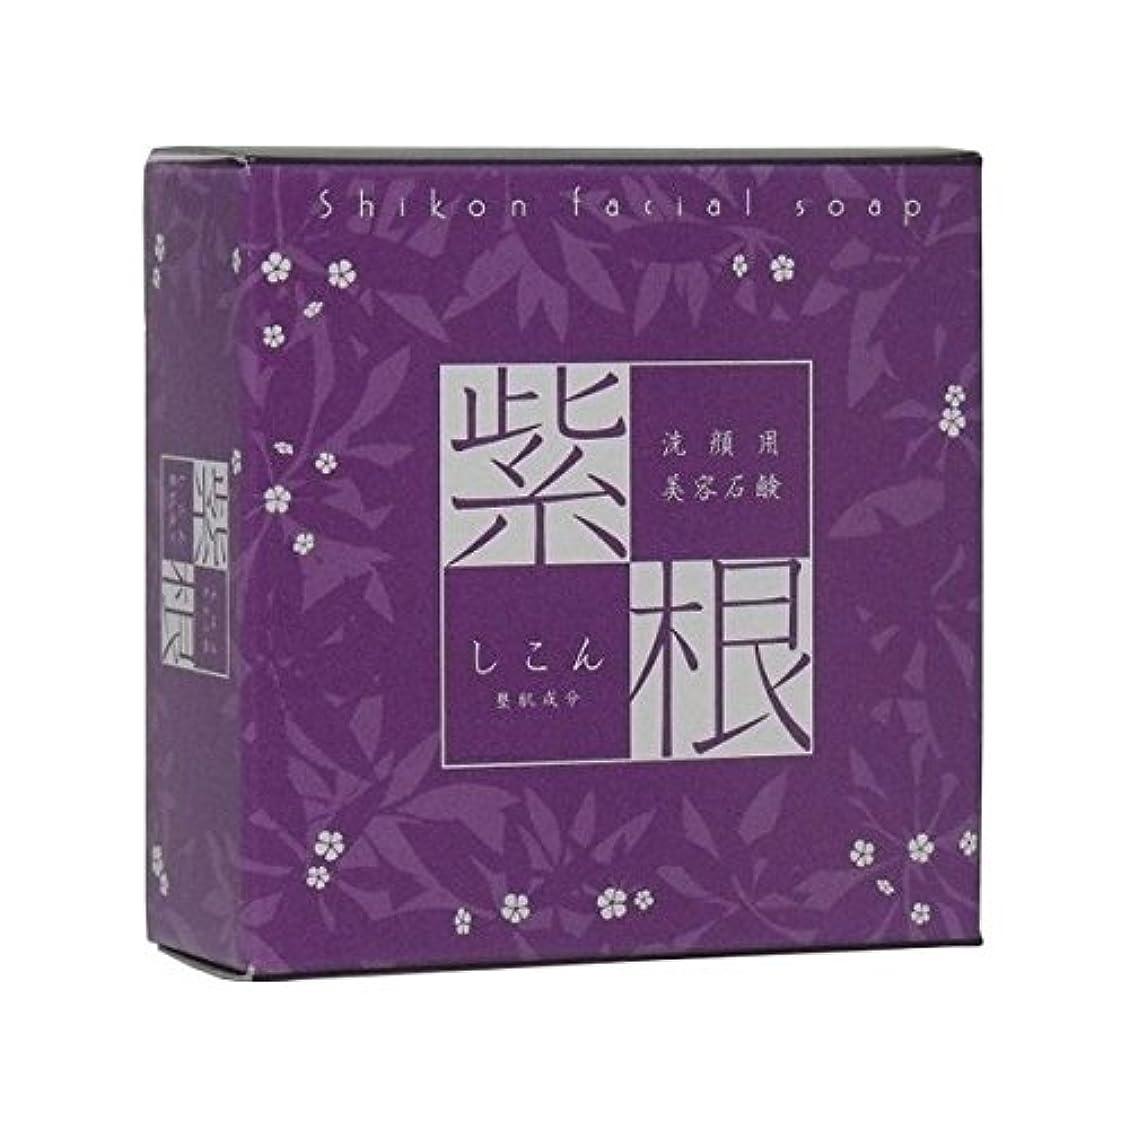 派生する記念品葬儀紫根石鹸110g(オリジナル泡立てネット付き)3個セット【魔女たちの22時で話題!】